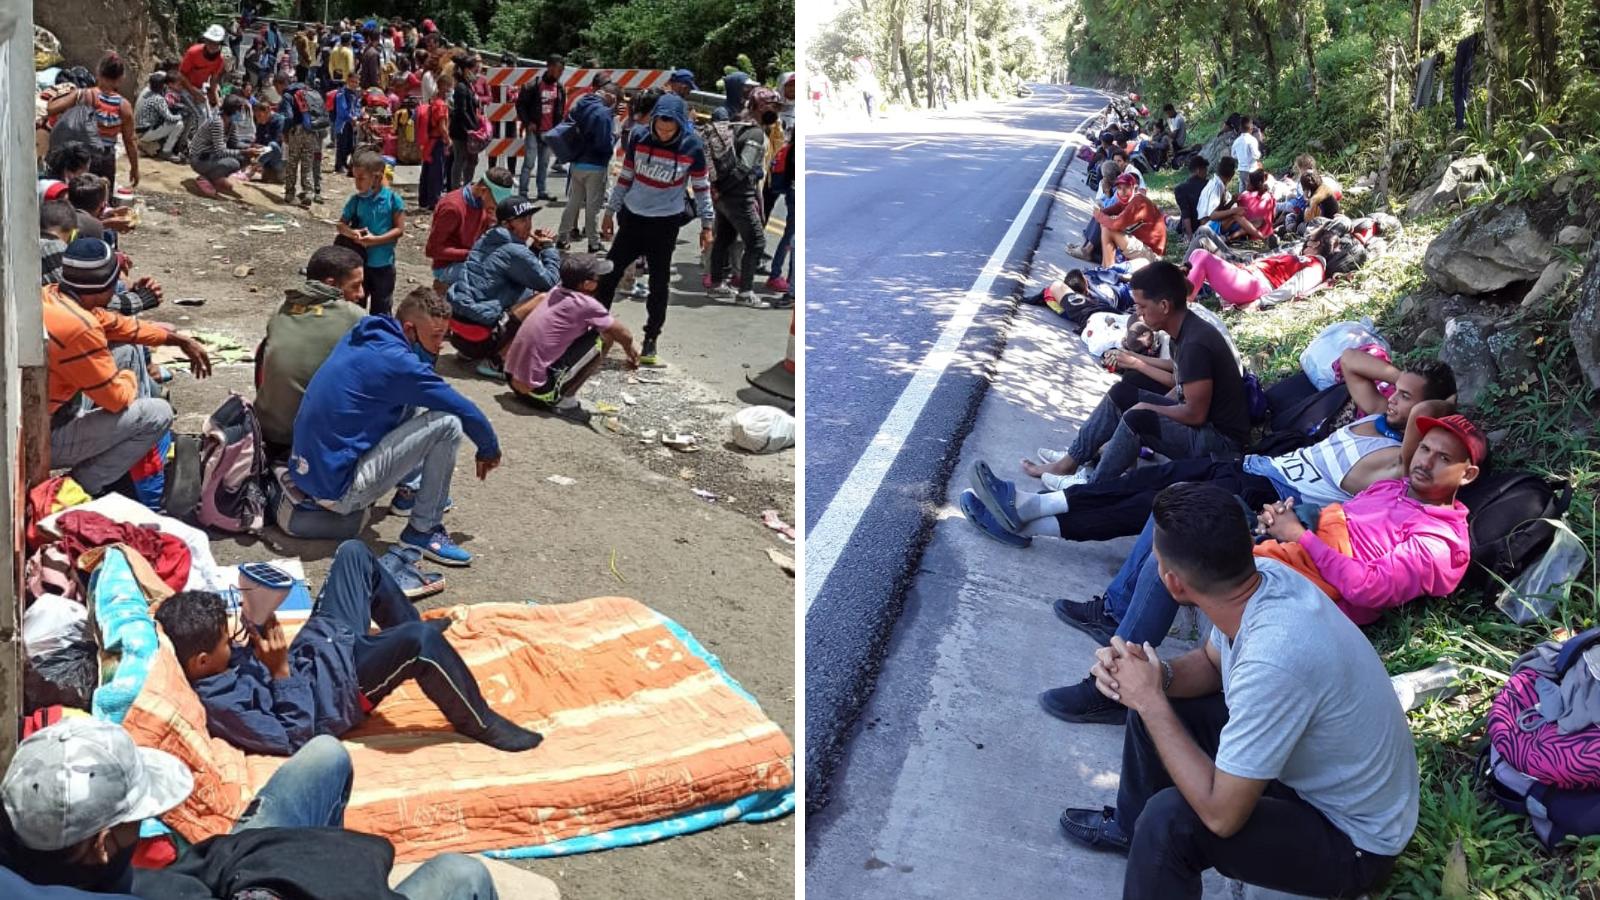 Gobierno pone la lupa a crisis migratoria en Pamplona